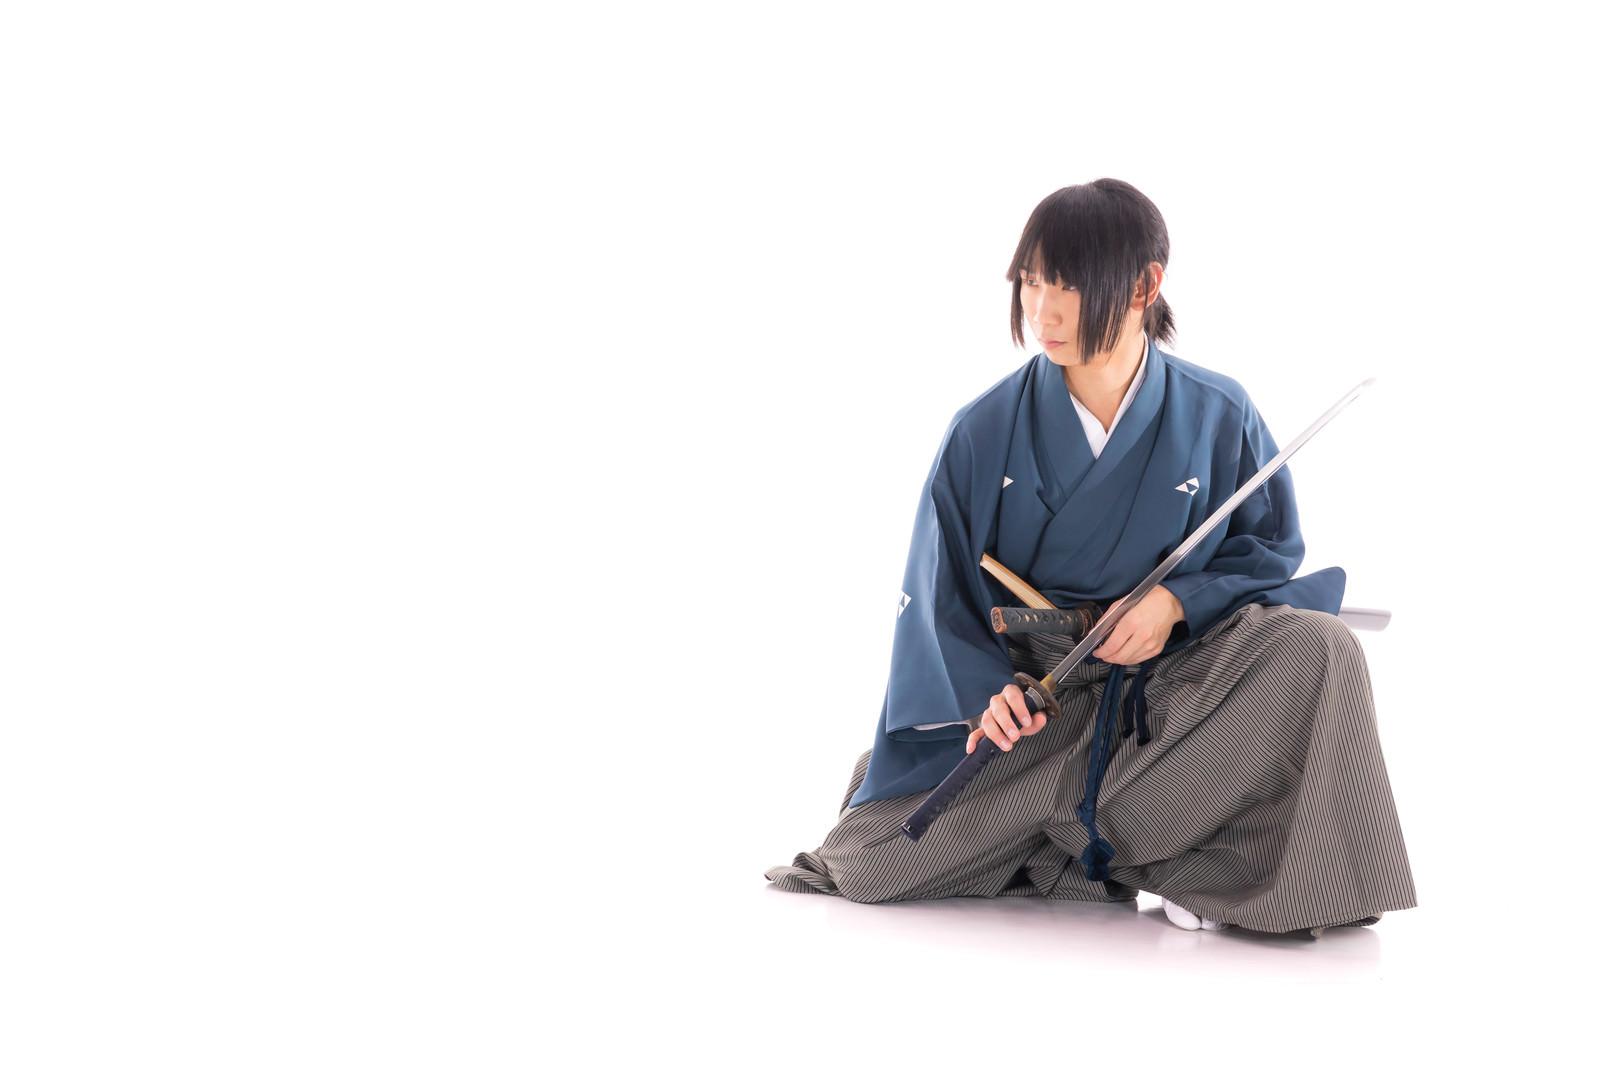 「座った状態で刀を納める侍」の写真[モデル:まーこ]